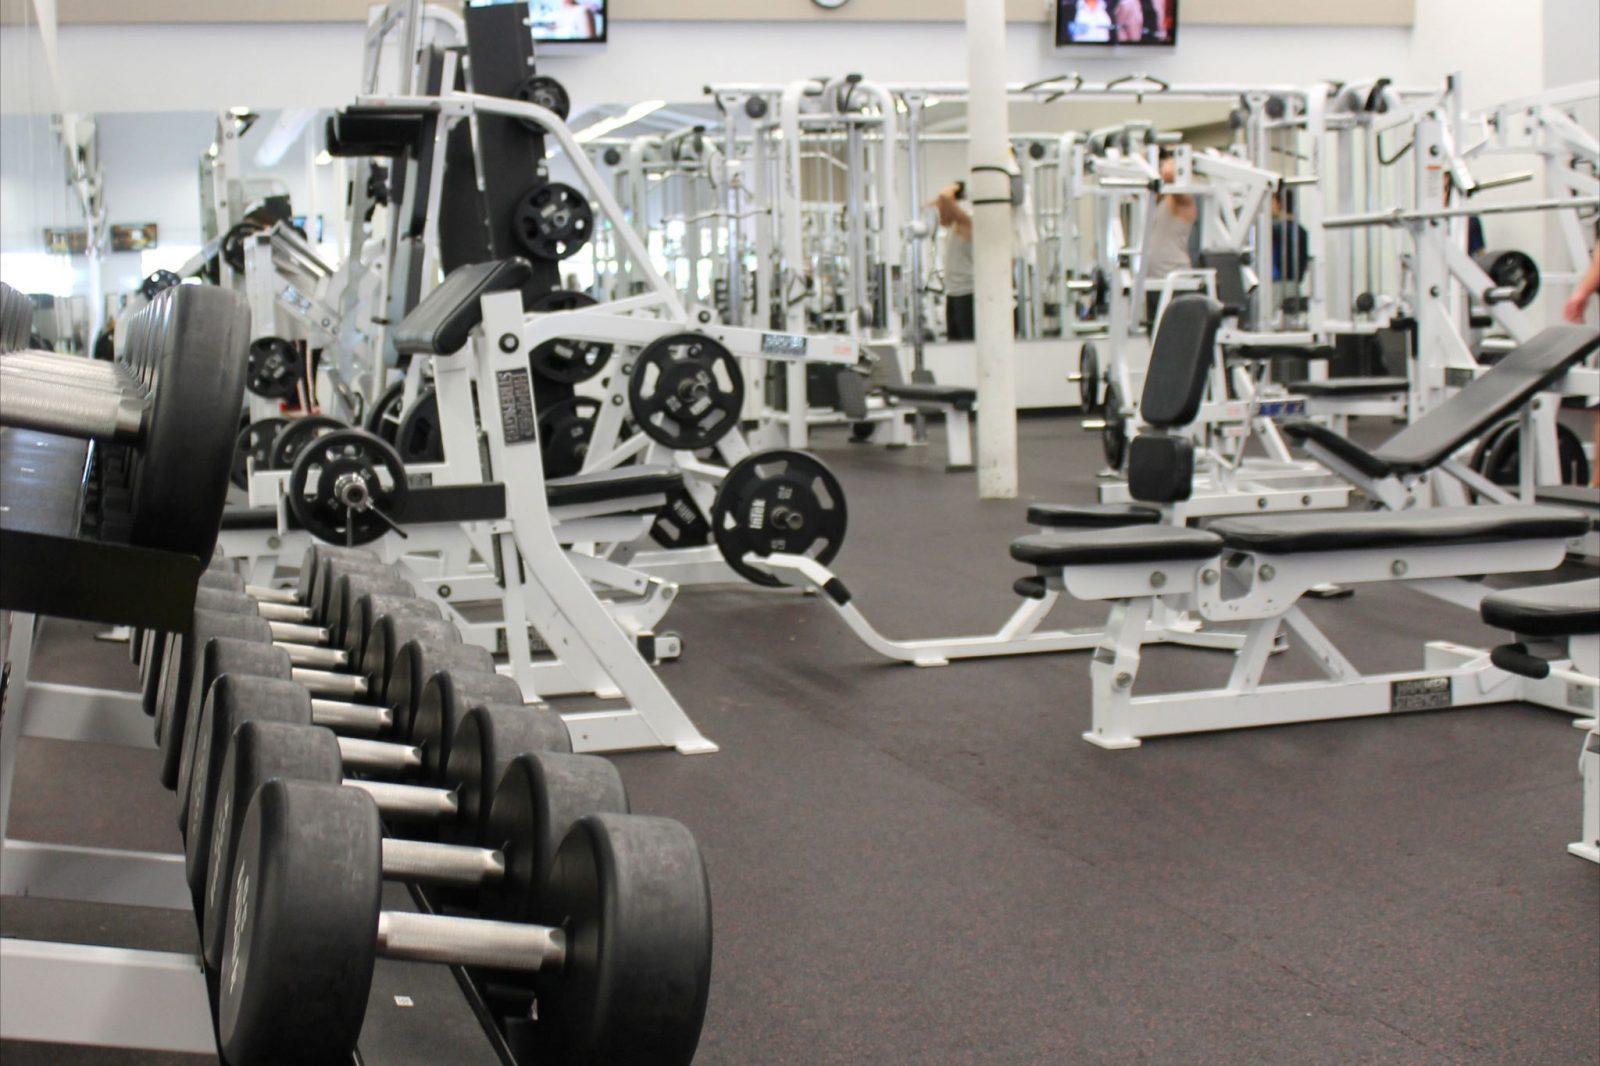 Спортивный зал с силовым оборудованием (штанги, гантели, тренажеры)